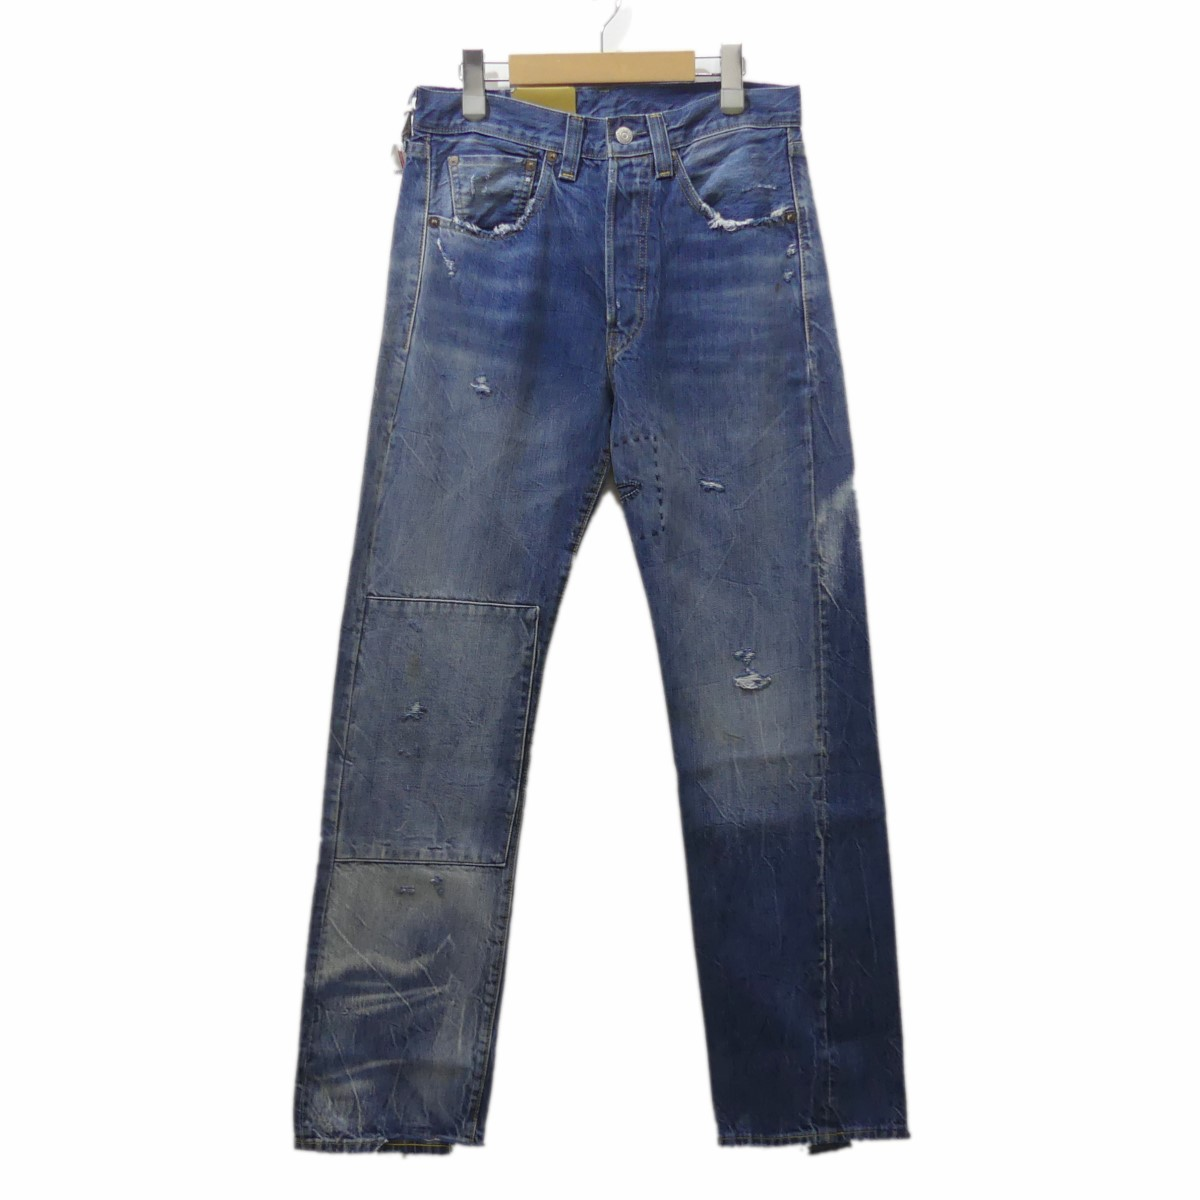 【中古】LEVIS VINTAGE CLOTHING 1947年モデル 501XX ストレートデニムパンツ インディゴ サイズ:29 【071019】(リーバイスヴィンテージクロージング)